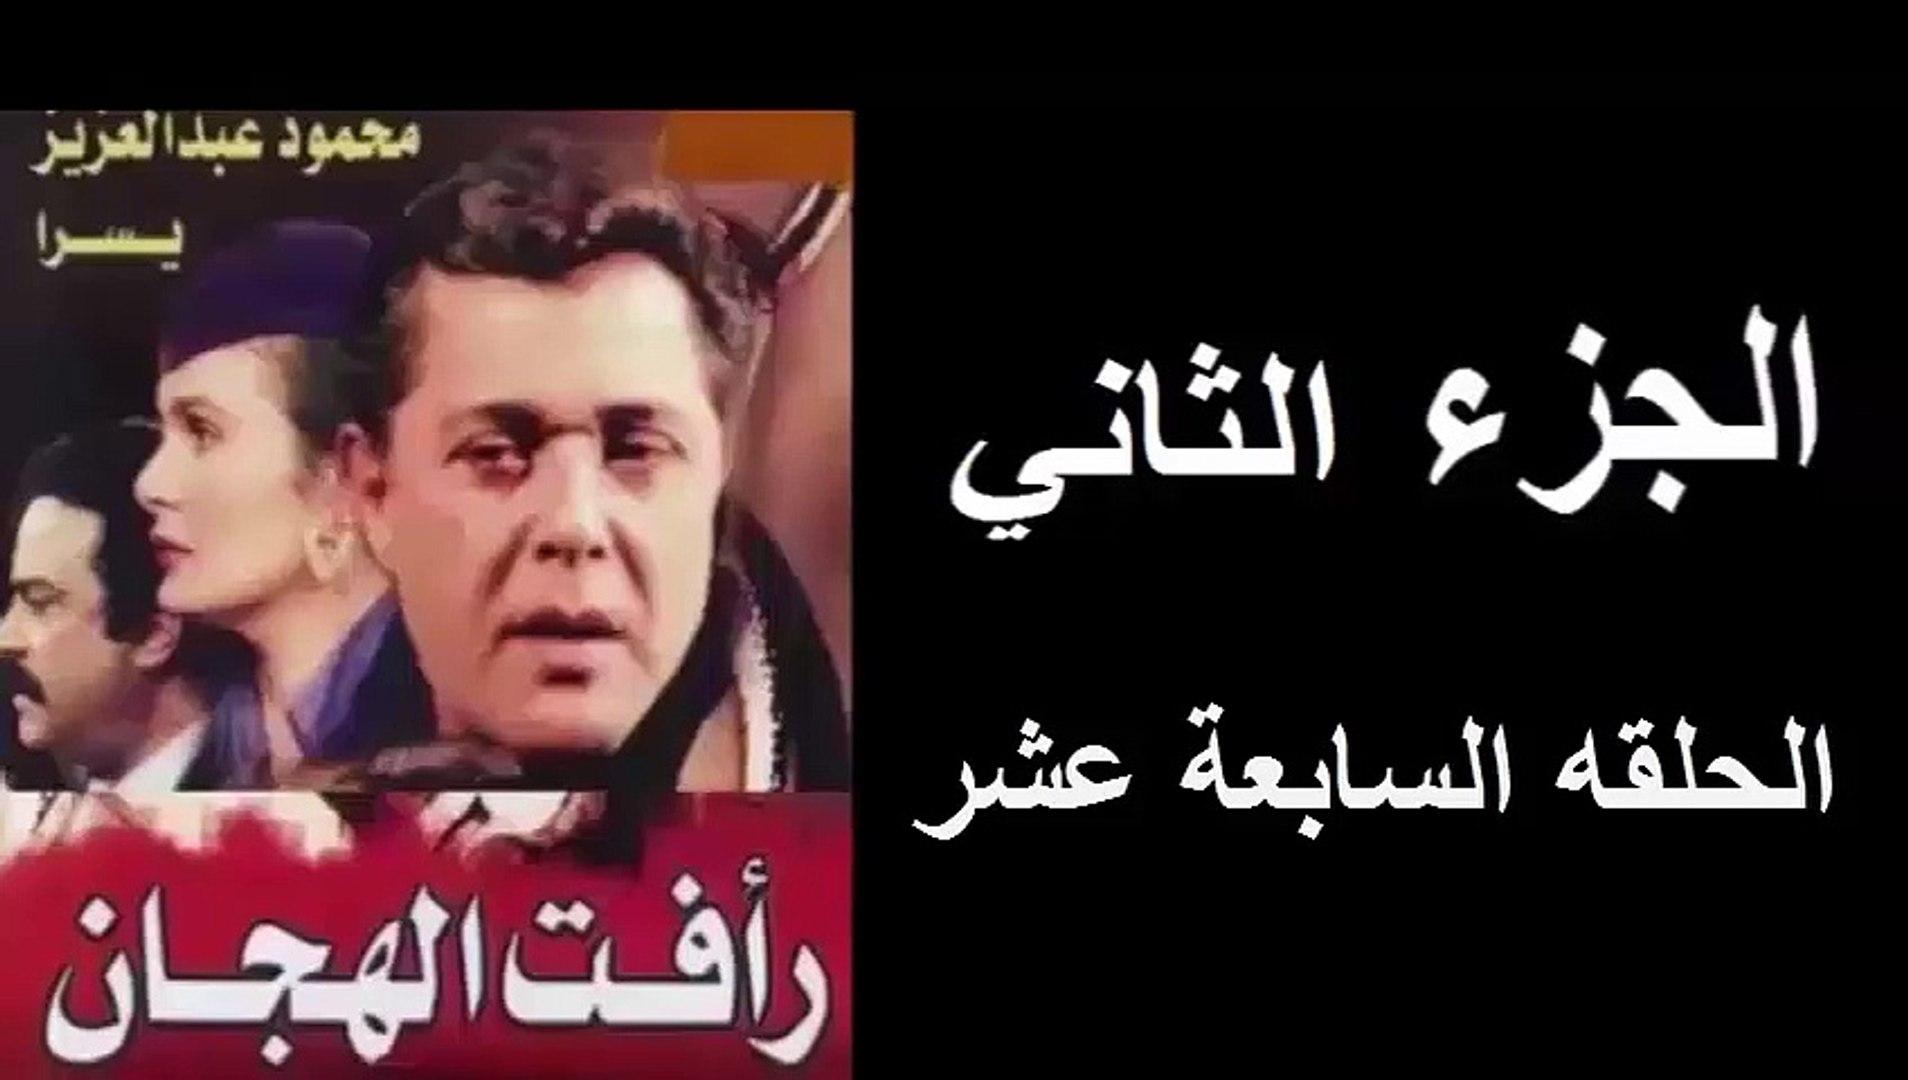 رافت الهجان الجزء الاول الحلقة 11